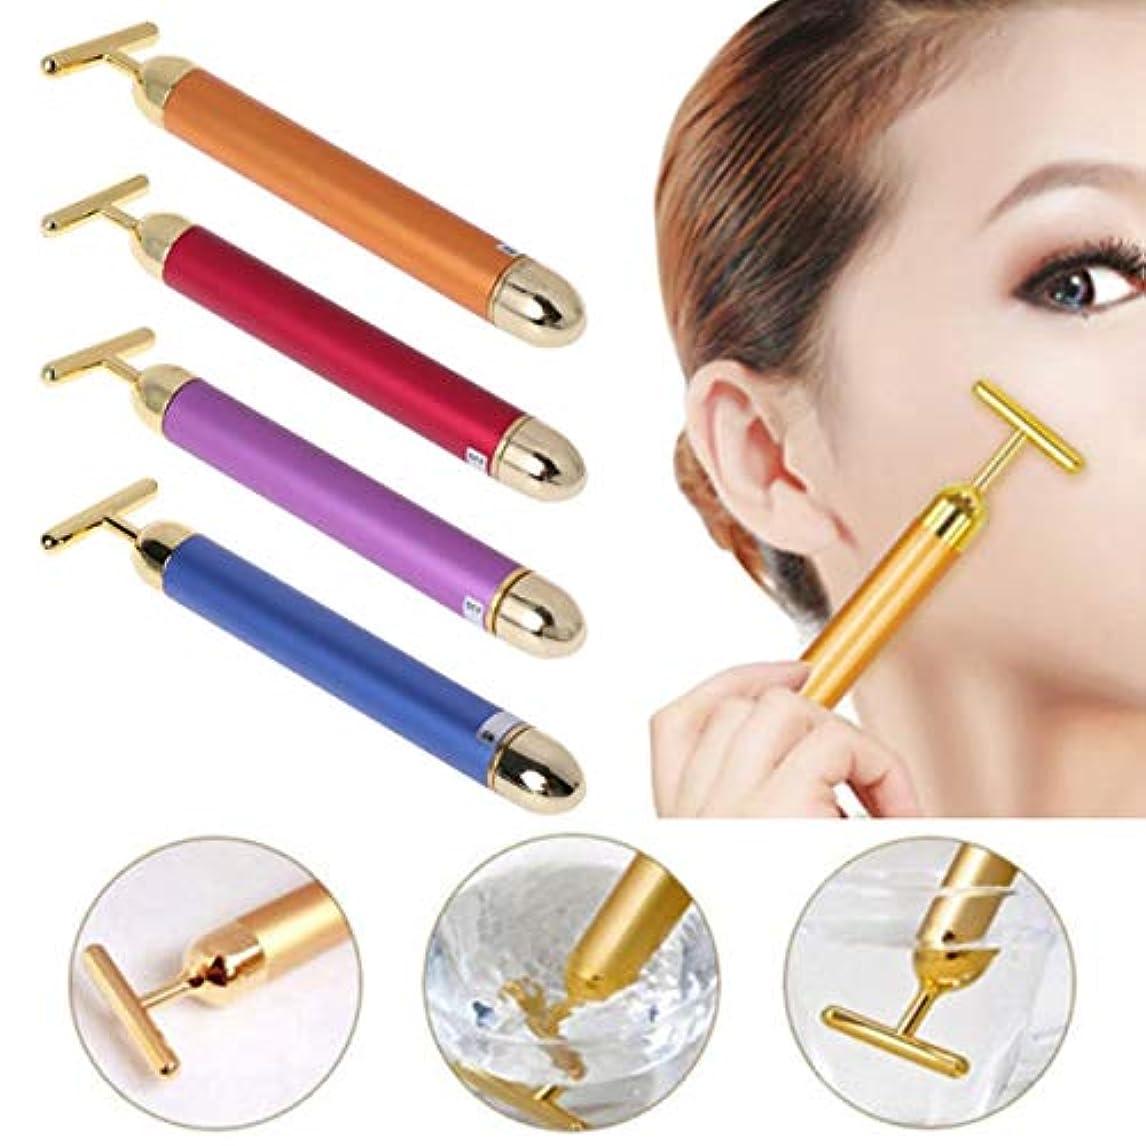 マングル雑草会うClassic Beauty Electric Firming Slimming Facial Pulse Roller Massager